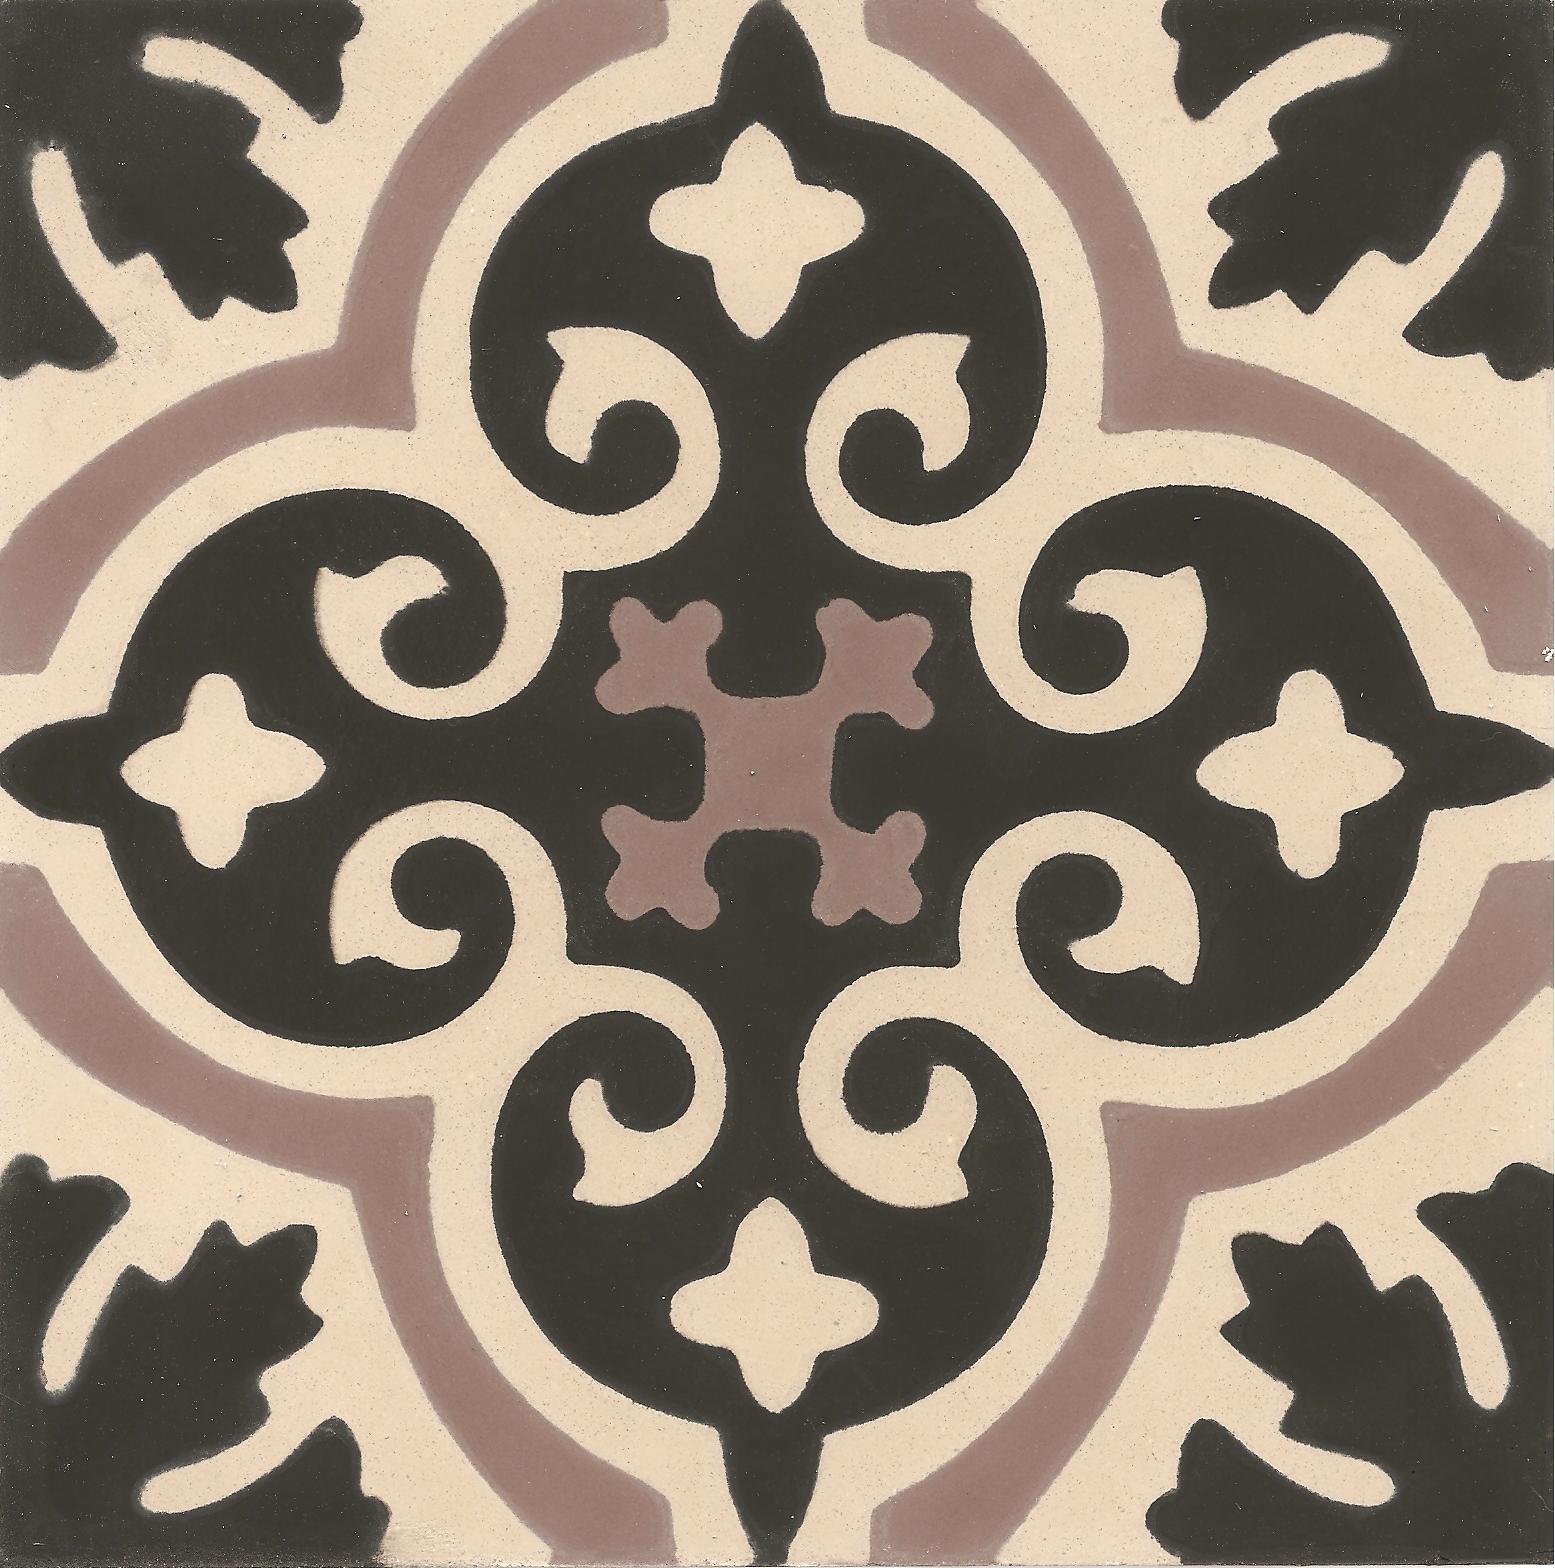 neue galerie spanische fliesen. Black Bedroom Furniture Sets. Home Design Ideas